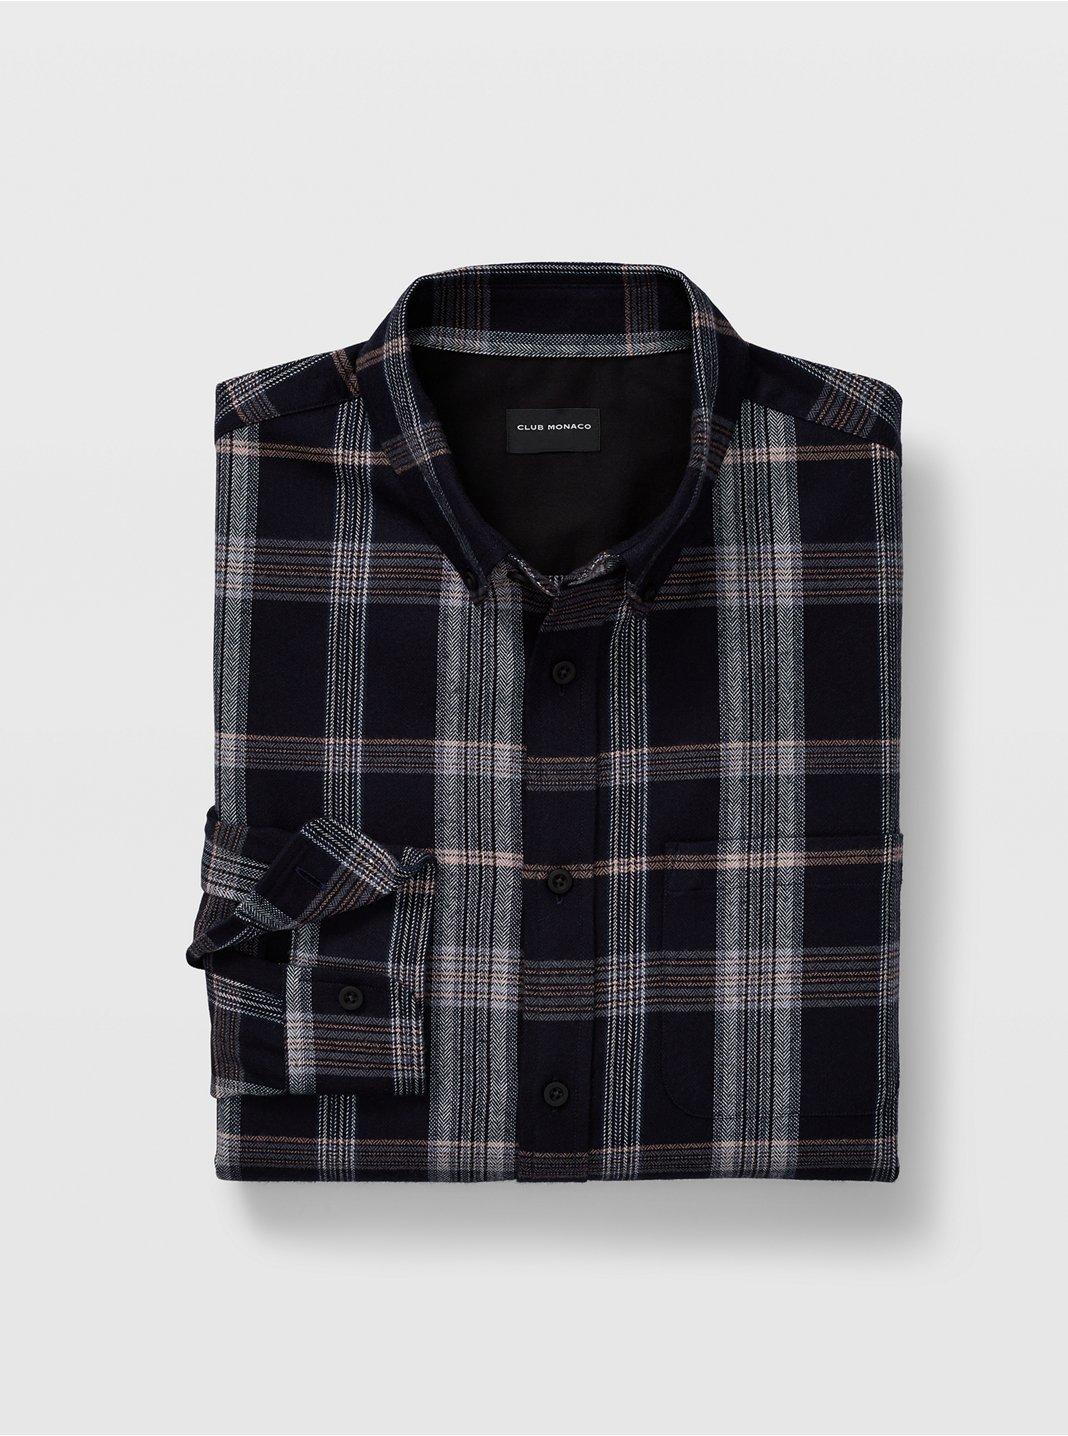 Slim Tonal Plaid Shirt